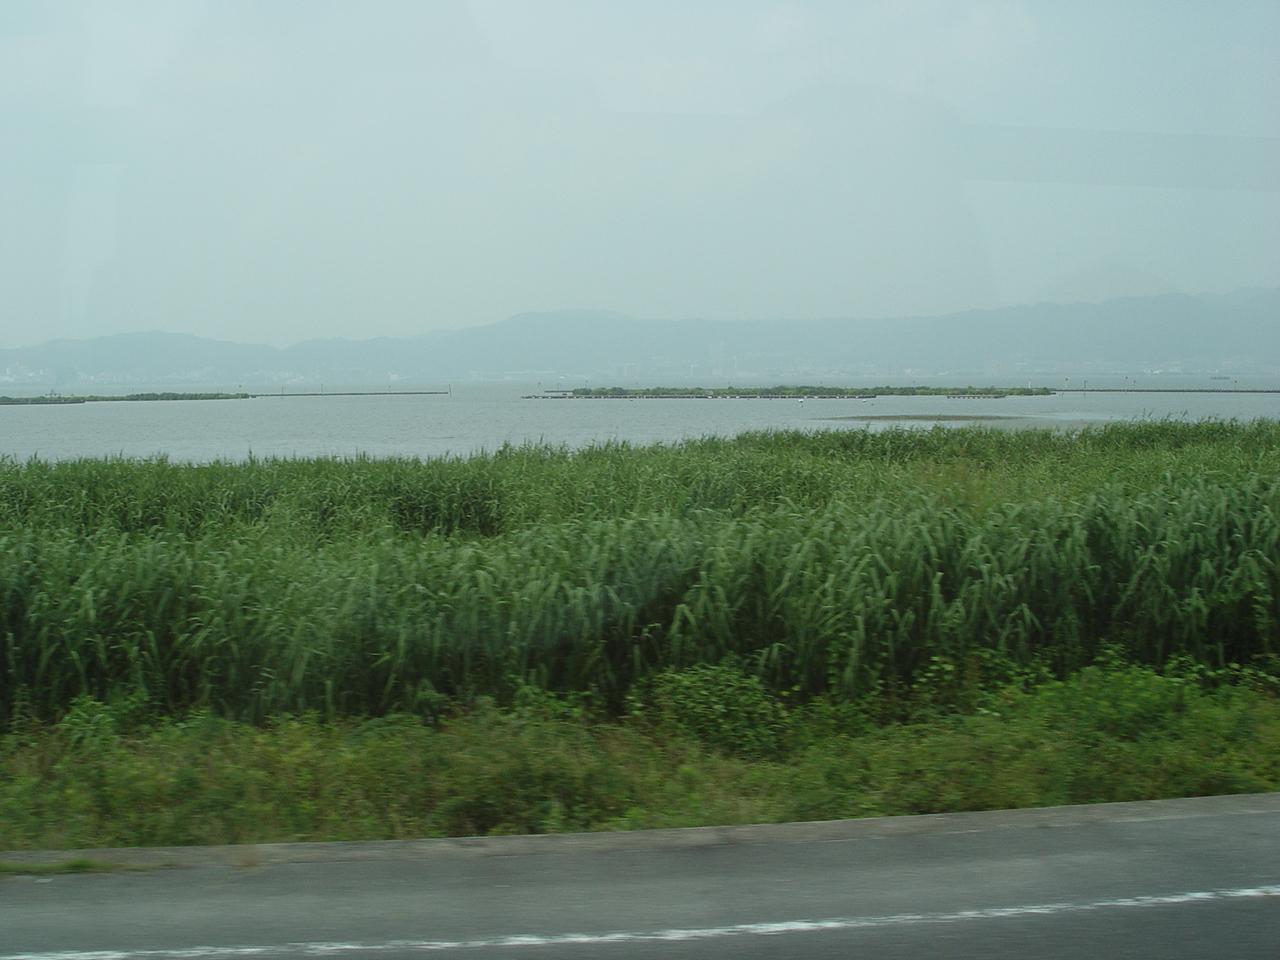 琵琶湖案边湿地